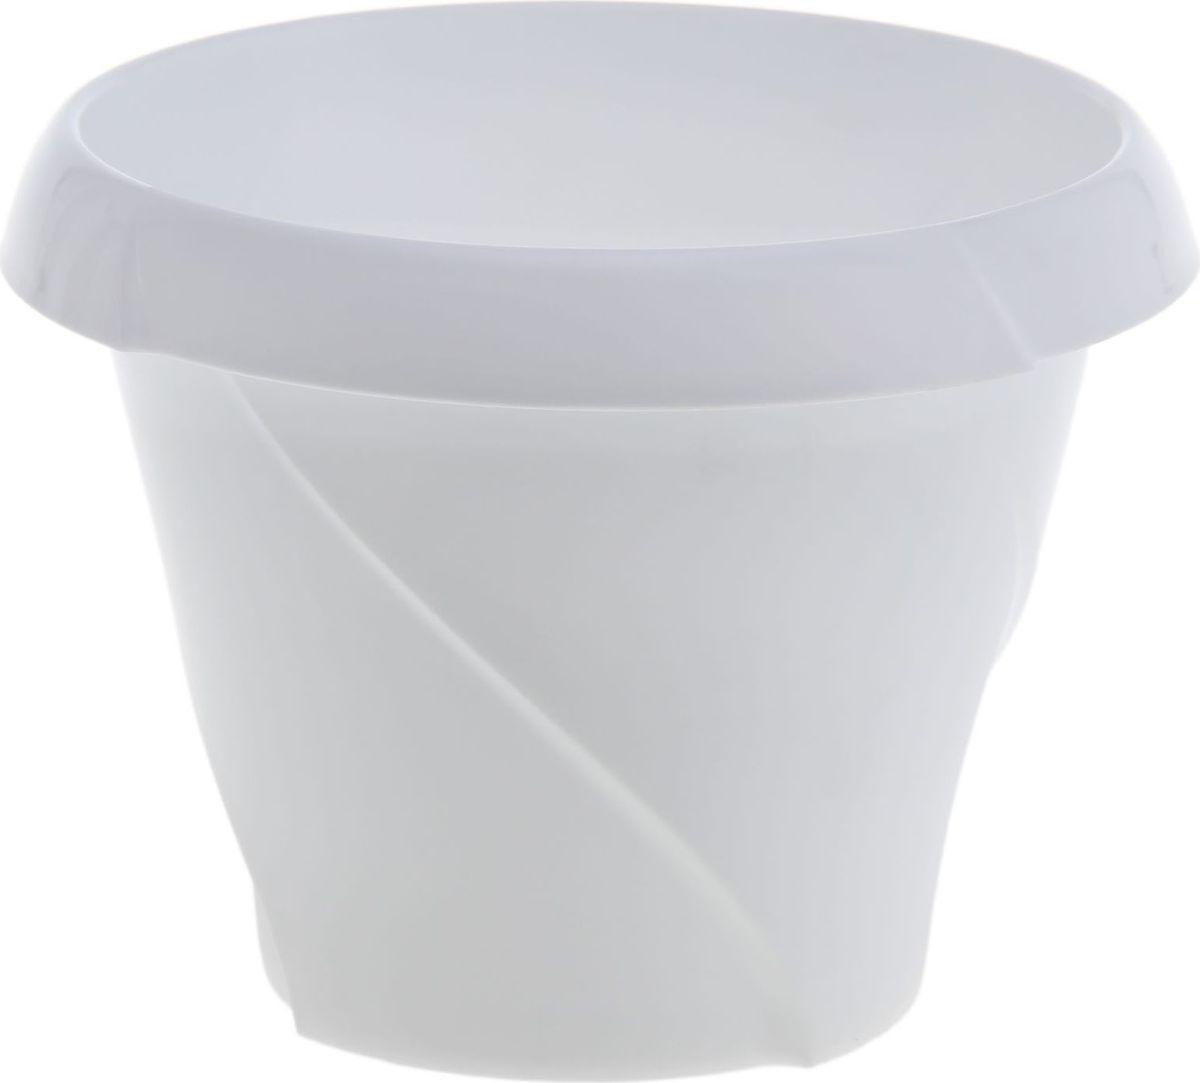 Кашпо Martika Флориана, цвет: белый, 0,3 л531-105Любой, даже самый современный и продуманный интерьер будет не завершённым без растений. Они не только очищают воздух и насыщают его кислородом, но и заметно украшают окружающее пространство. Такому полезному члену семьи просто необходимо красивое и функциональное кашпо, оригинальный горшок или необычная ваза! Мы предлагаем - Кашпо 300 мл Флориана, d=10 см, цвет белый! Оптимальный выбор материала пластмасса! Почему мы так считаем? -Малый вес. С лёгкостью переносите горшки и кашпо с места на место, ставьте их на столики или полки, подвешивайте под потолок, не беспокоясь о нагрузке. -Простота ухода. Пластиковые изделия не нуждаются в специальных условиях хранения. Их легко чистить достаточно просто сполоснуть тёплой водой. -Никаких царапин. Пластиковые кашпо не царапают и не загрязняют поверхности, на которых стоят. -Пластик дольше хранит влагу, а значит растение реже нуждается в поливе. -Пластмасса не пропускает воздух корневой системе растения не грозят резкие перепады температур. -Огромный выбор форм, декора и расцветок вы без труда подберёте что-то, что идеально впишется в уже существующий интерьер. Соблюдая нехитрые правила ухода, вы можете заметно продлить срок службы горшков, вазонов и кашпо из пластика: -всегда учитывайте размер кроны и корневой системы растения (при разрастании большое растение способно повредить маленький горшок)-берегите изделие от воздействия прямых солнечных лучей, чтобы кашпо и горшки не выцветали-держите кашпо и горшки из пластика подальше от нагревающихся поверхностей. Создавайте прекрасные цветочные композиции, выращивайте рассаду или необычные растения, а низкие цены позволят вам не ограничивать себя в выборе.